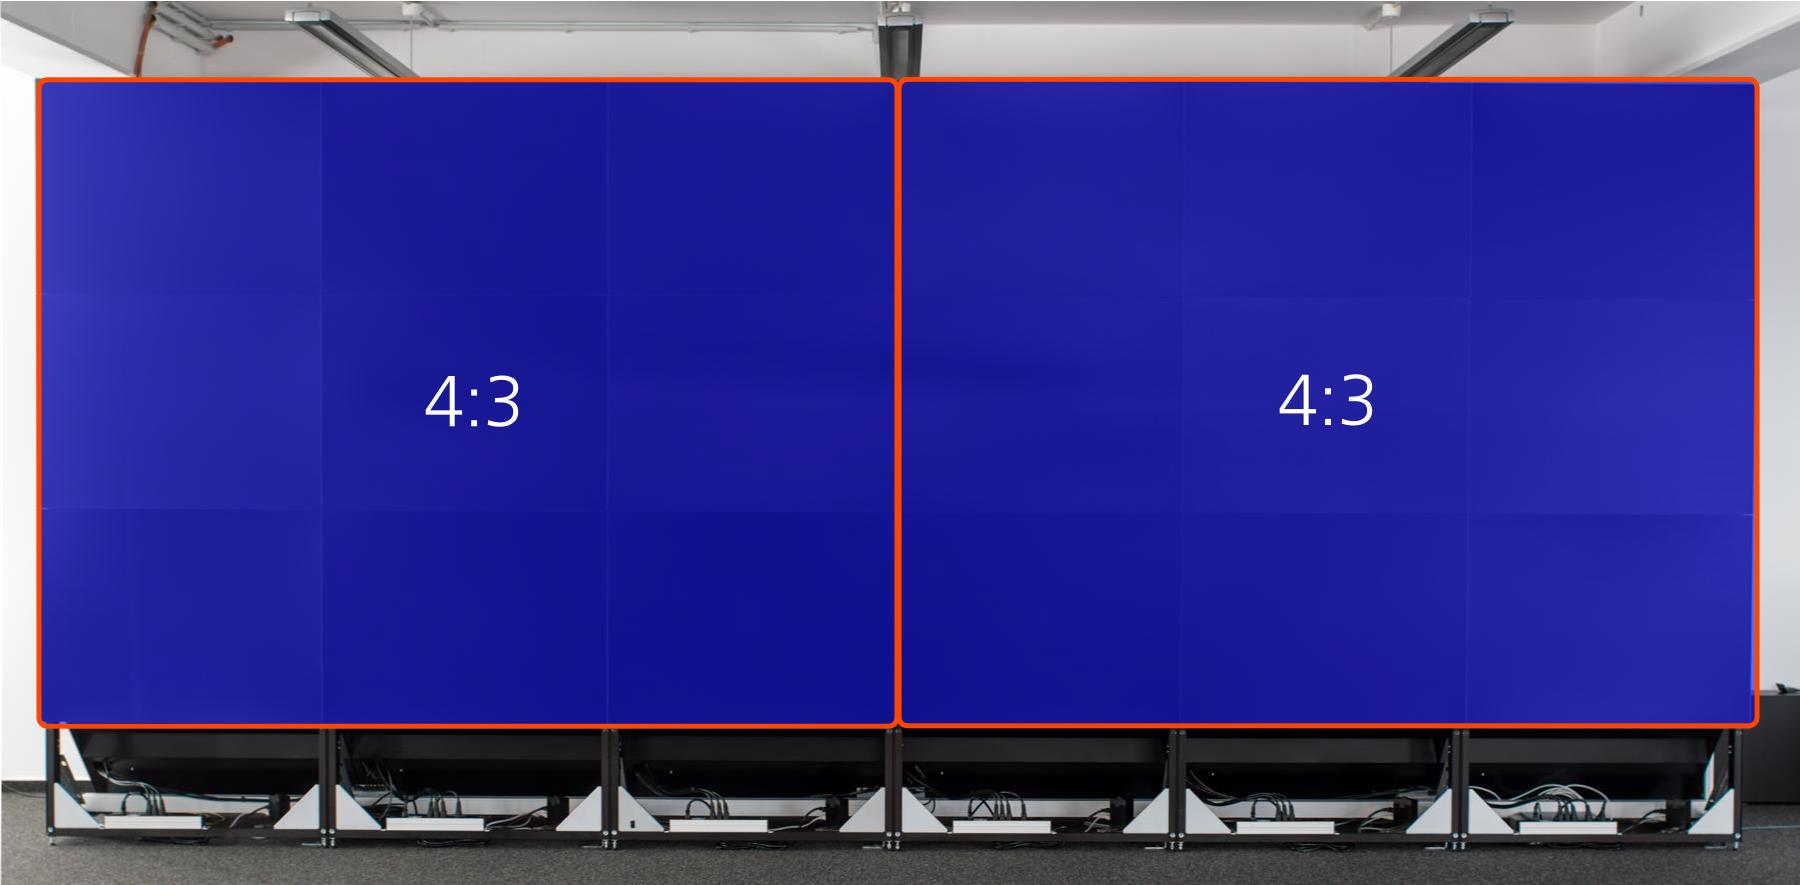 Arbeitstisch Rollbar dlr lufttransportsysteme technische daten